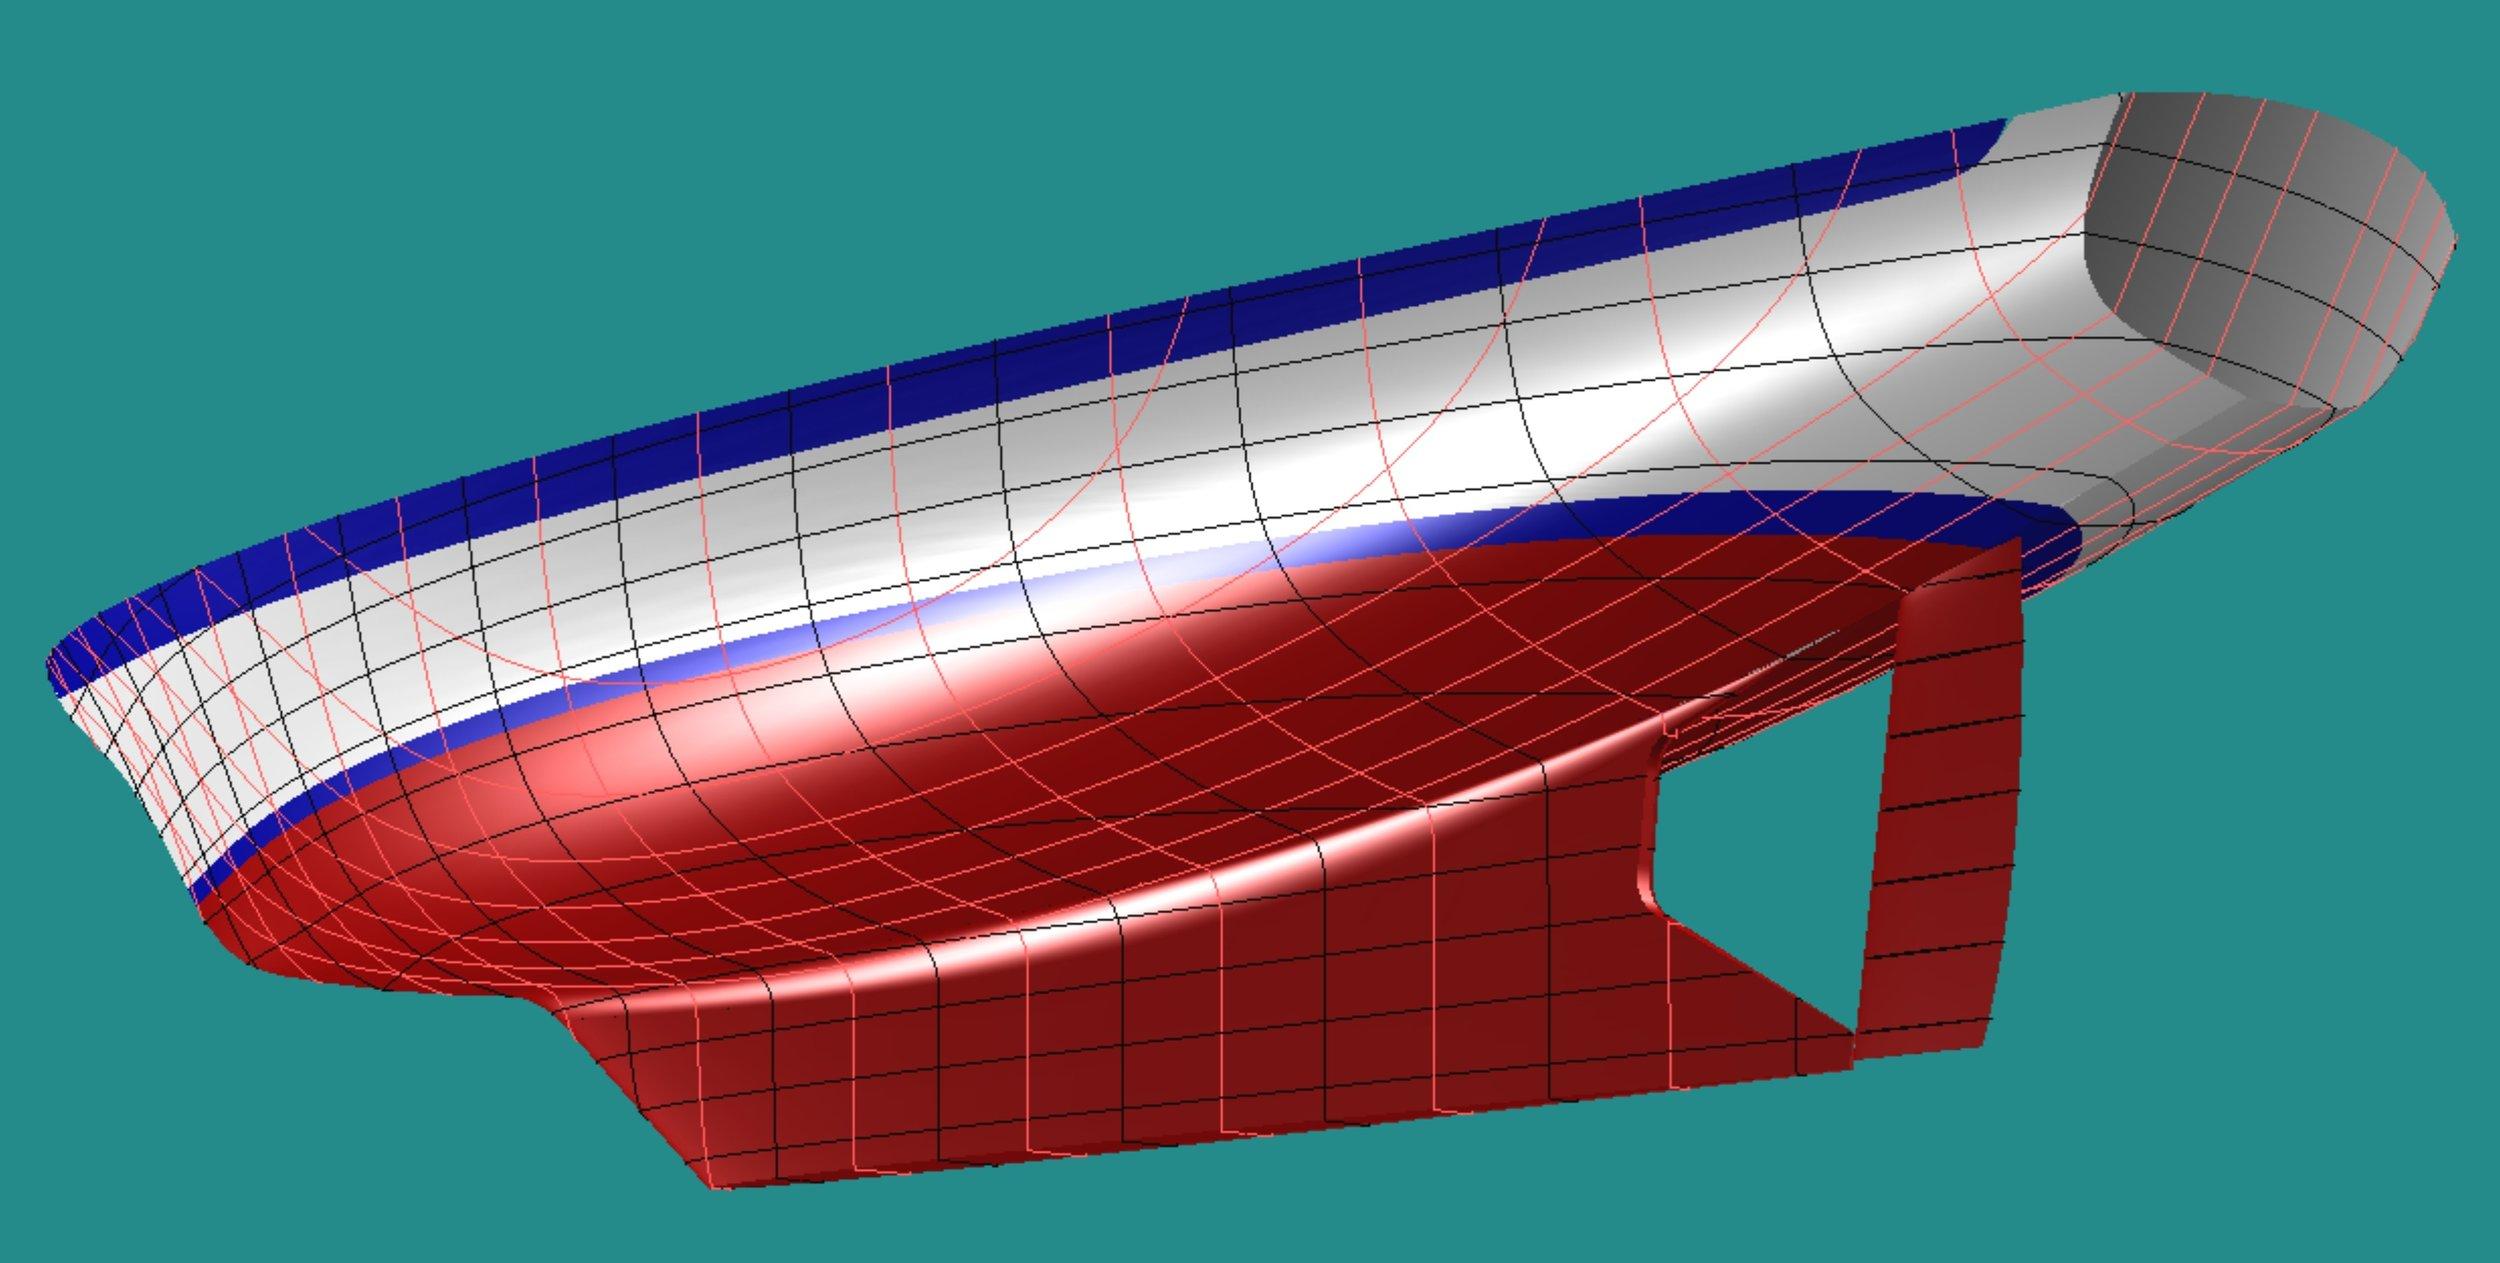 Modern, full keel hull provides good performance,